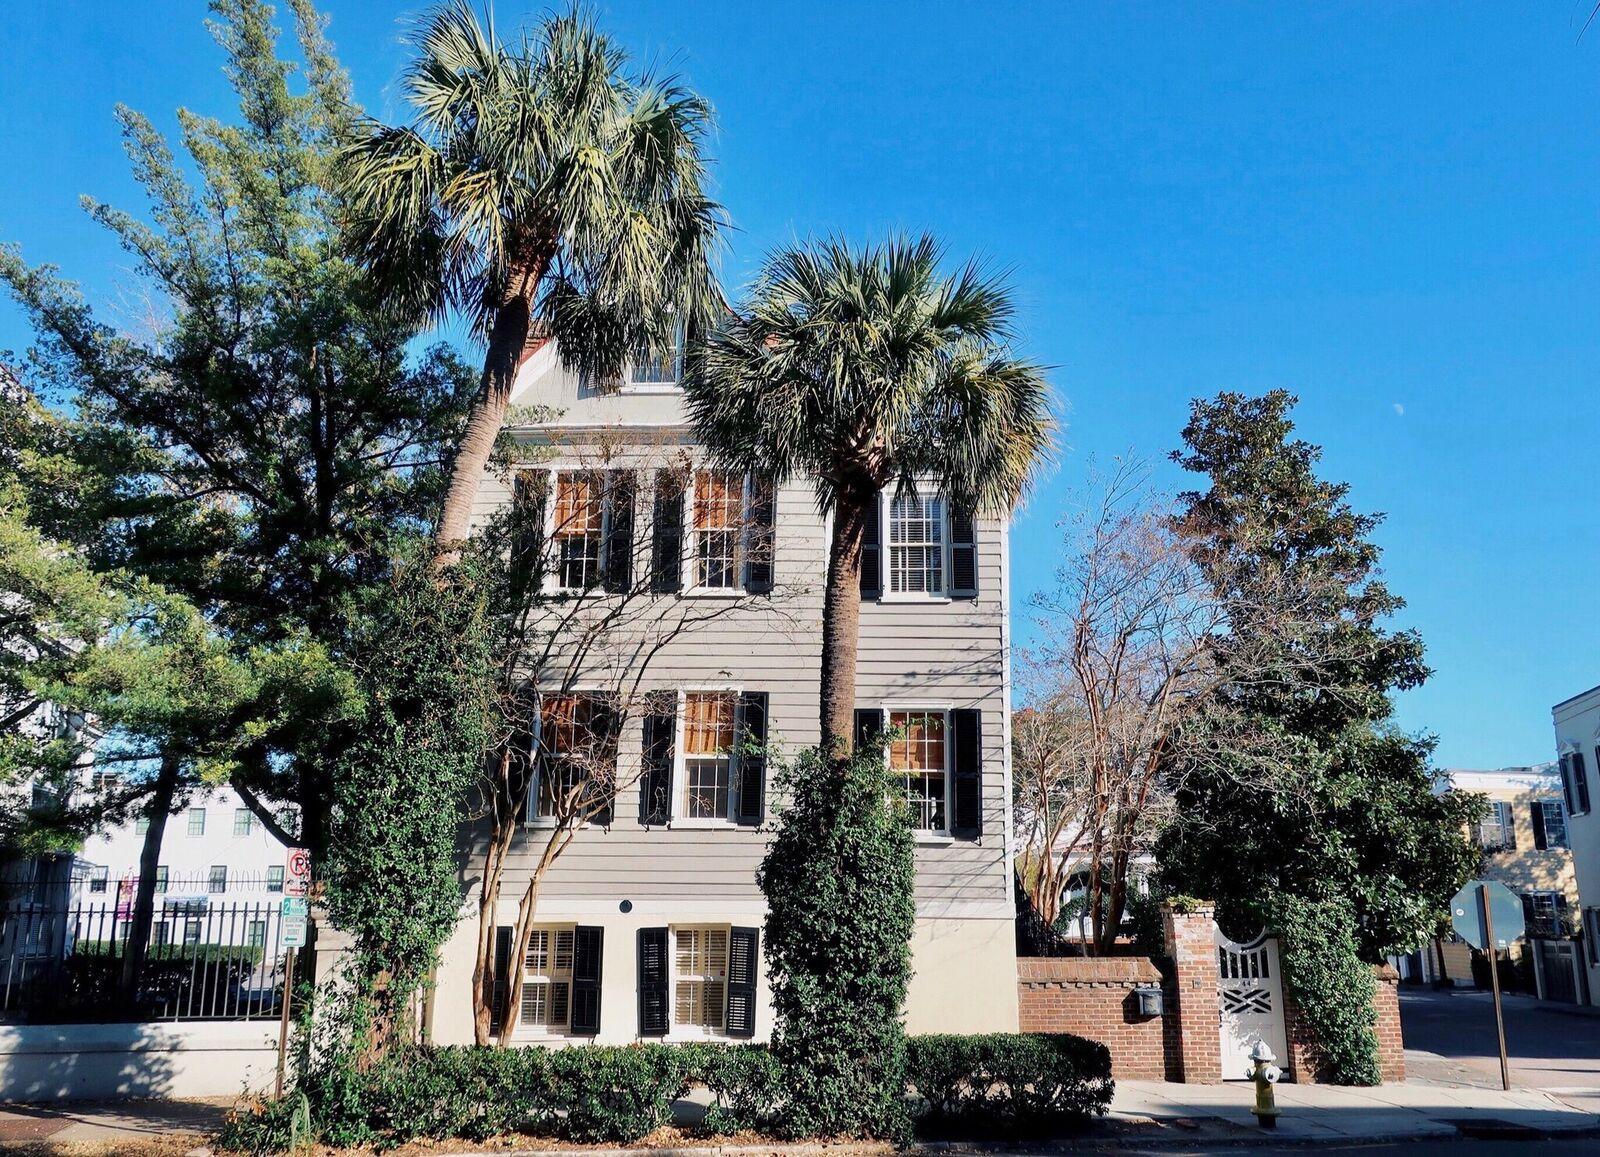 Photo of 44 Meeting St, Charleston, SC 29401